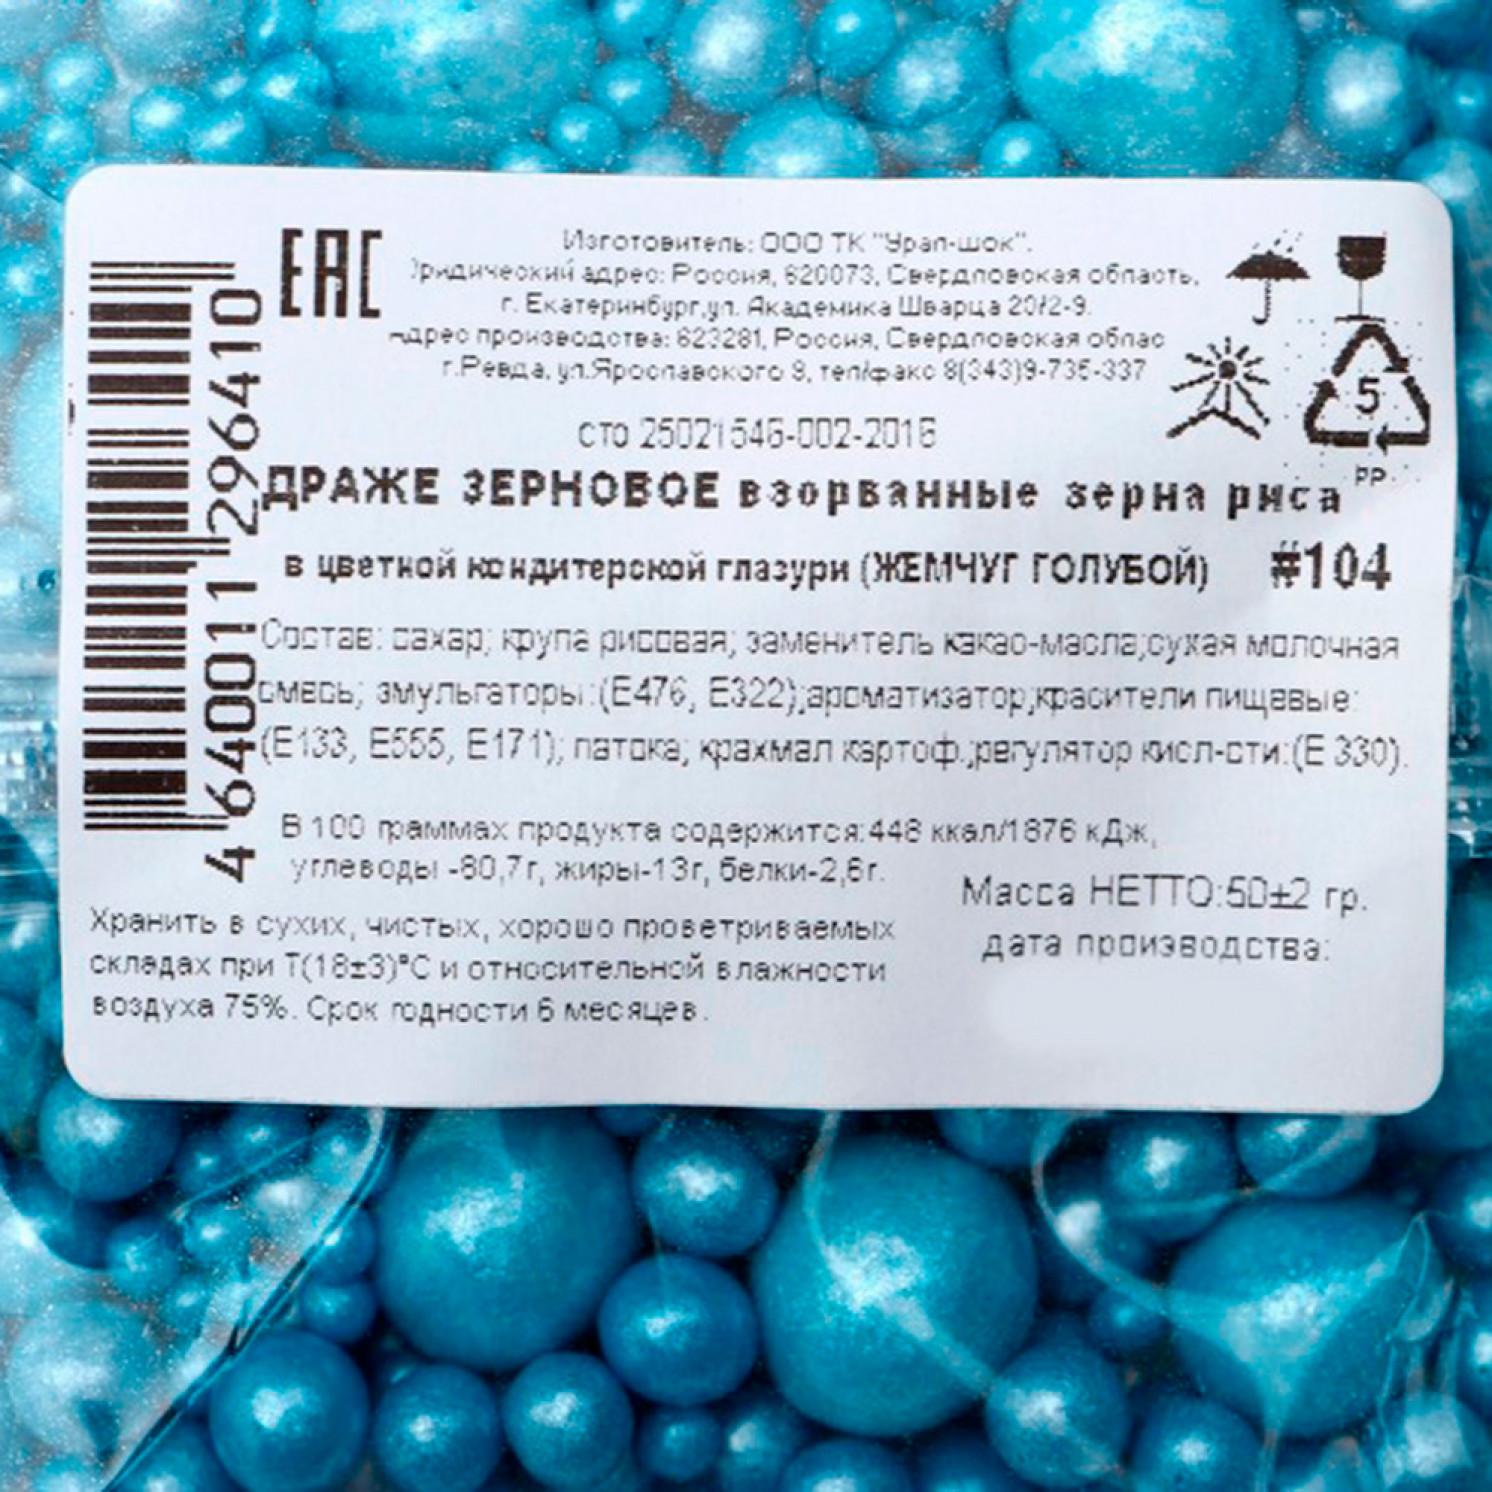 Драже «Жемчуг», взорванные зёрна риса в цветной кондитерской глазури, голубой, 50 г